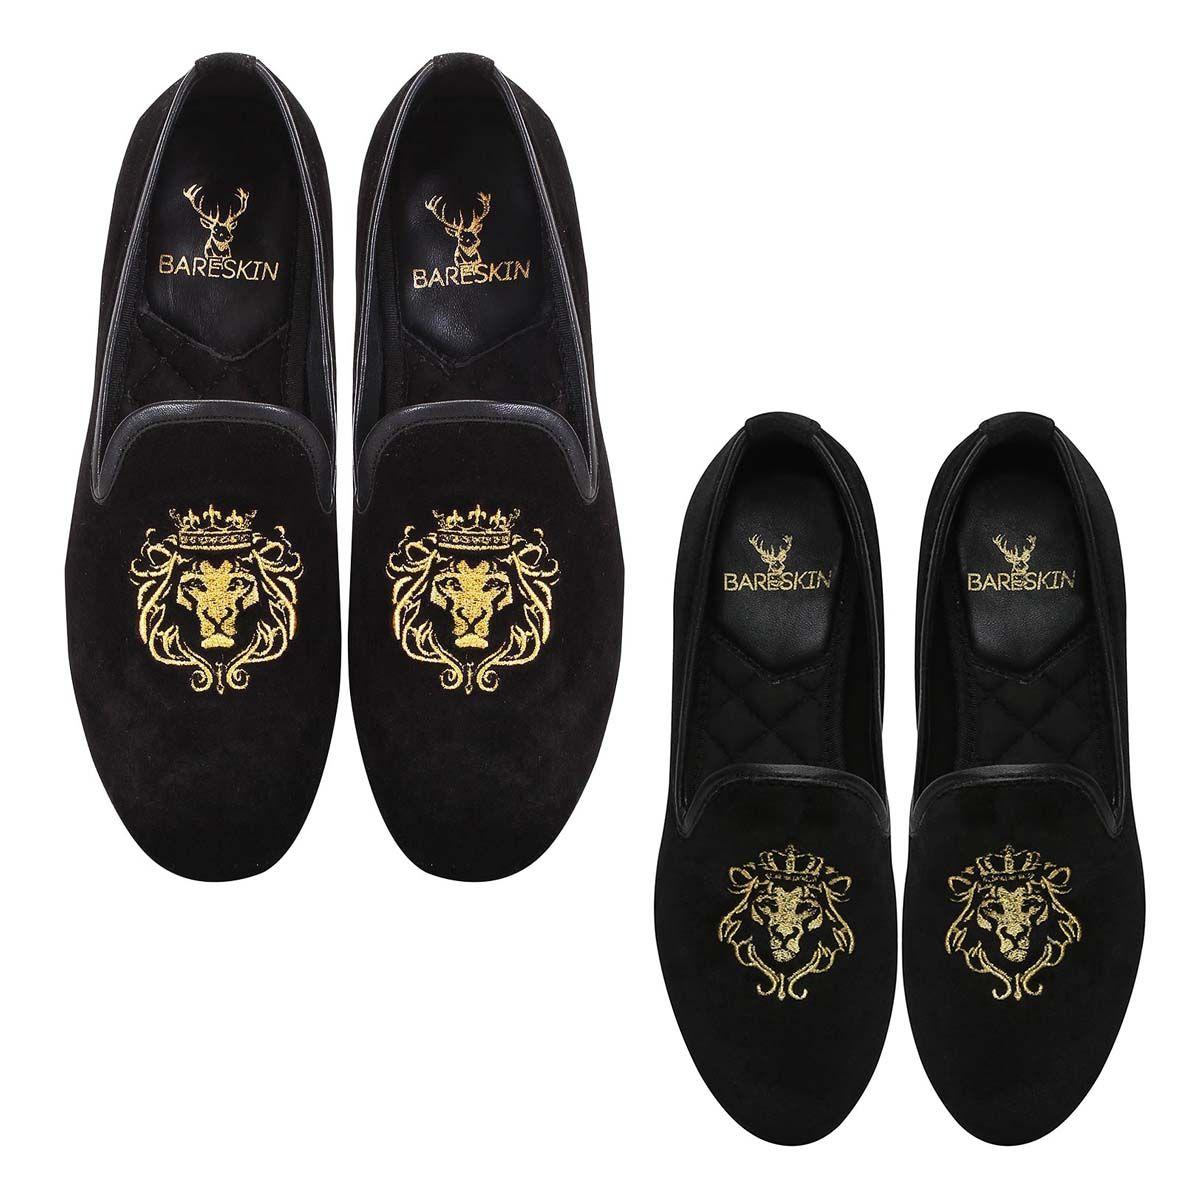 acc23e2c8 BUY COMBO OF BARESKIN BLACK COLOUR VELVET SLIP-ON WITH GOLDEN LION KING EMBROIDERY  FOR MEN AND WOMEN